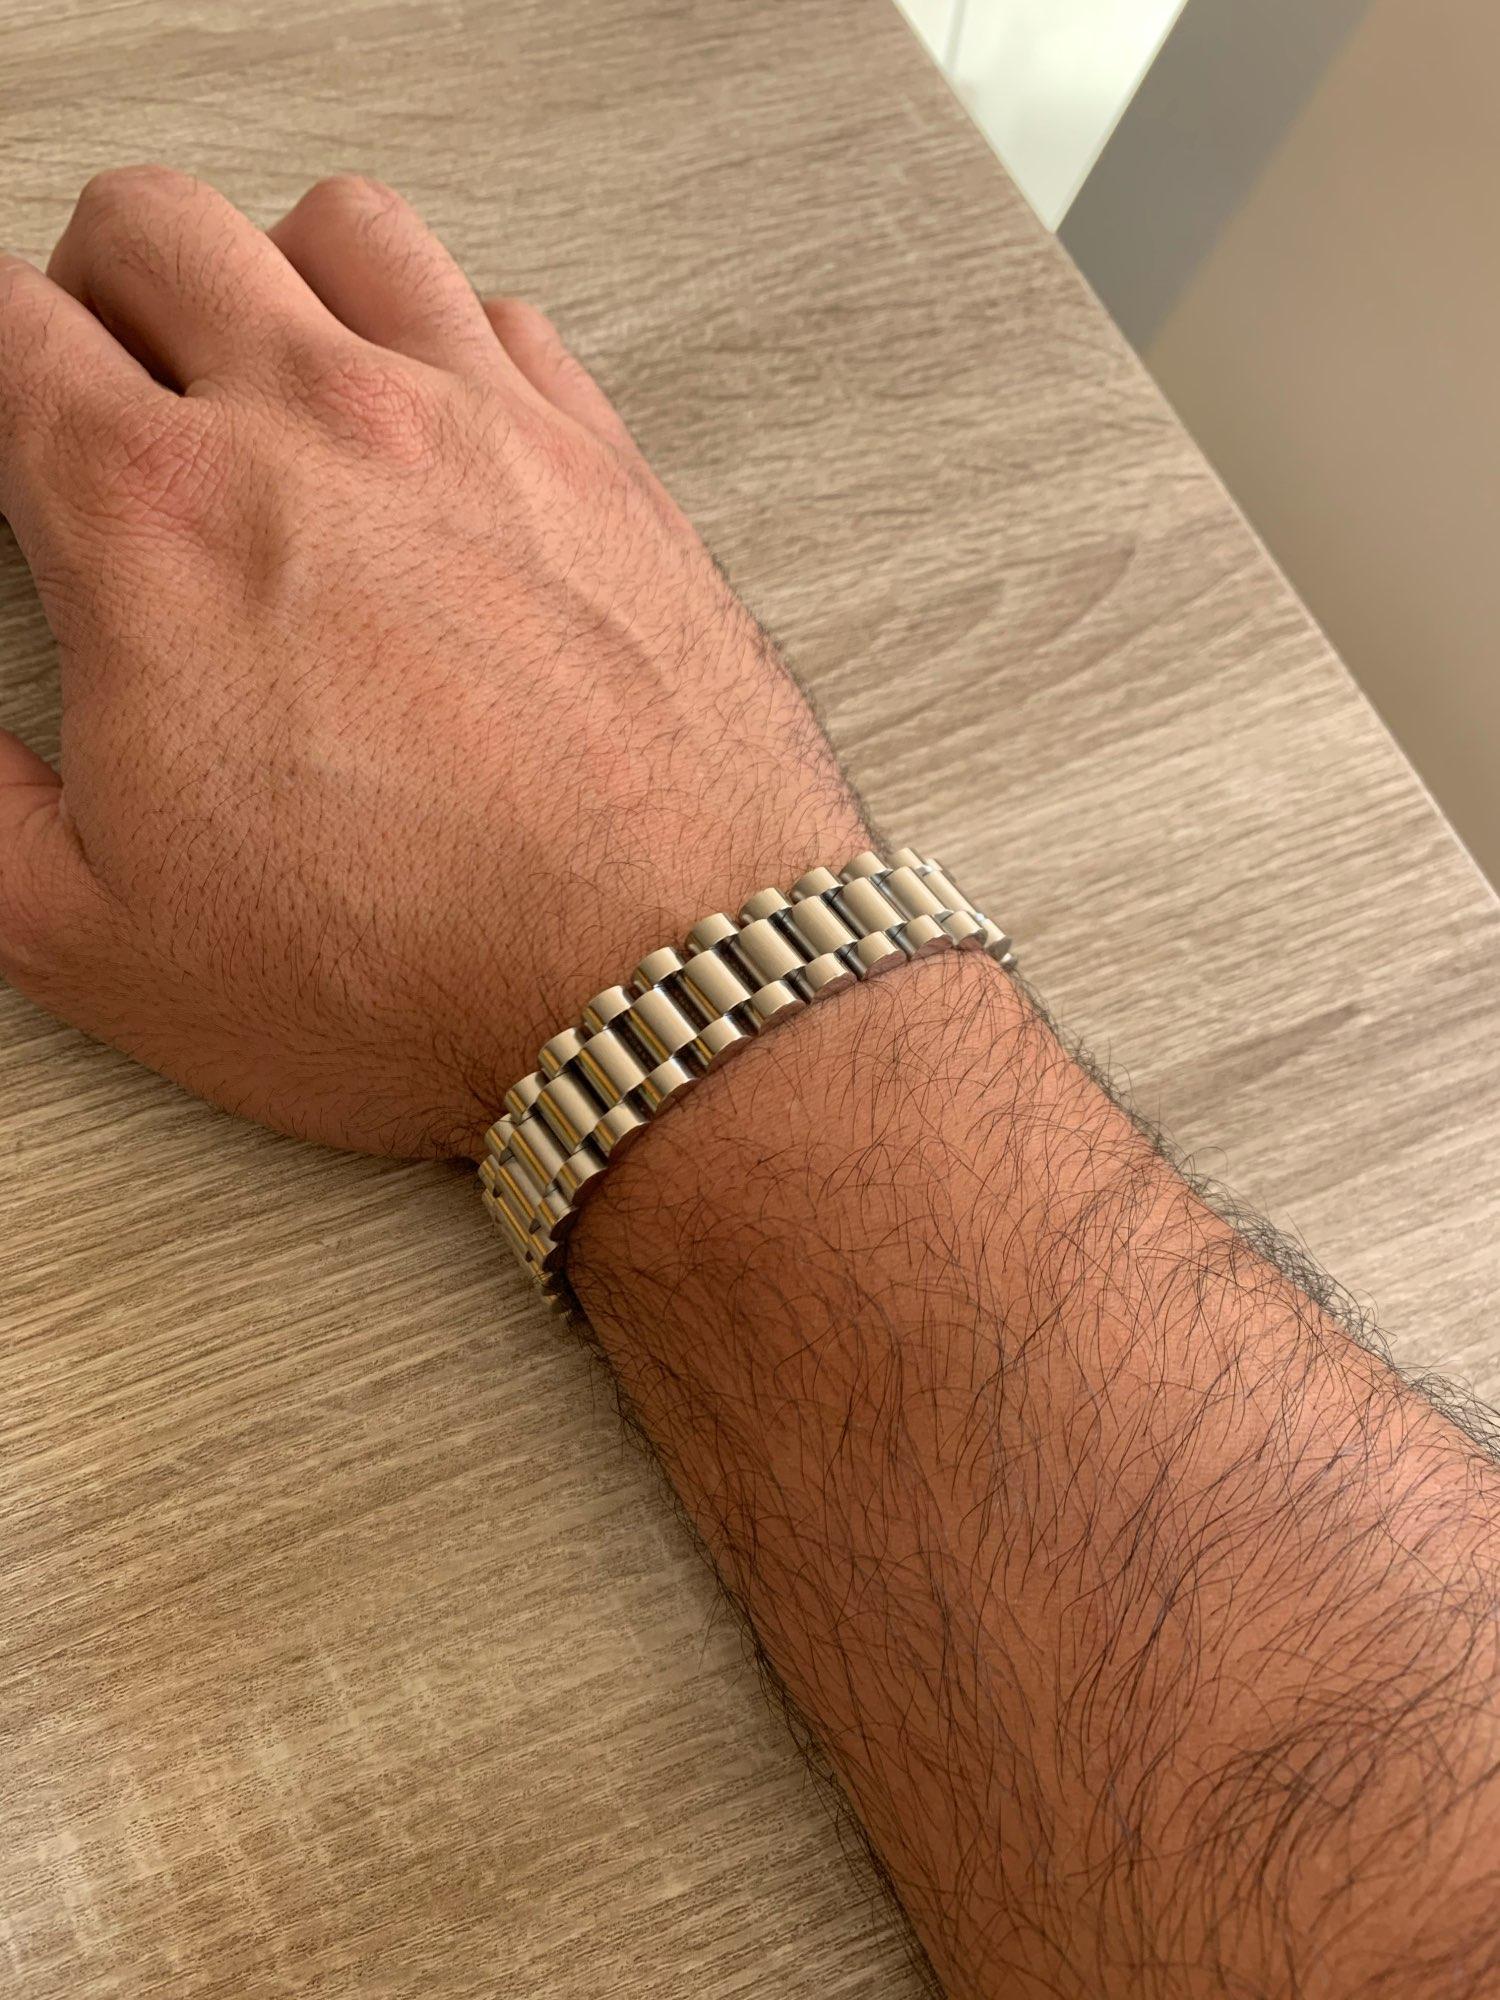 צמיד רצועת שעון לגבר photo review